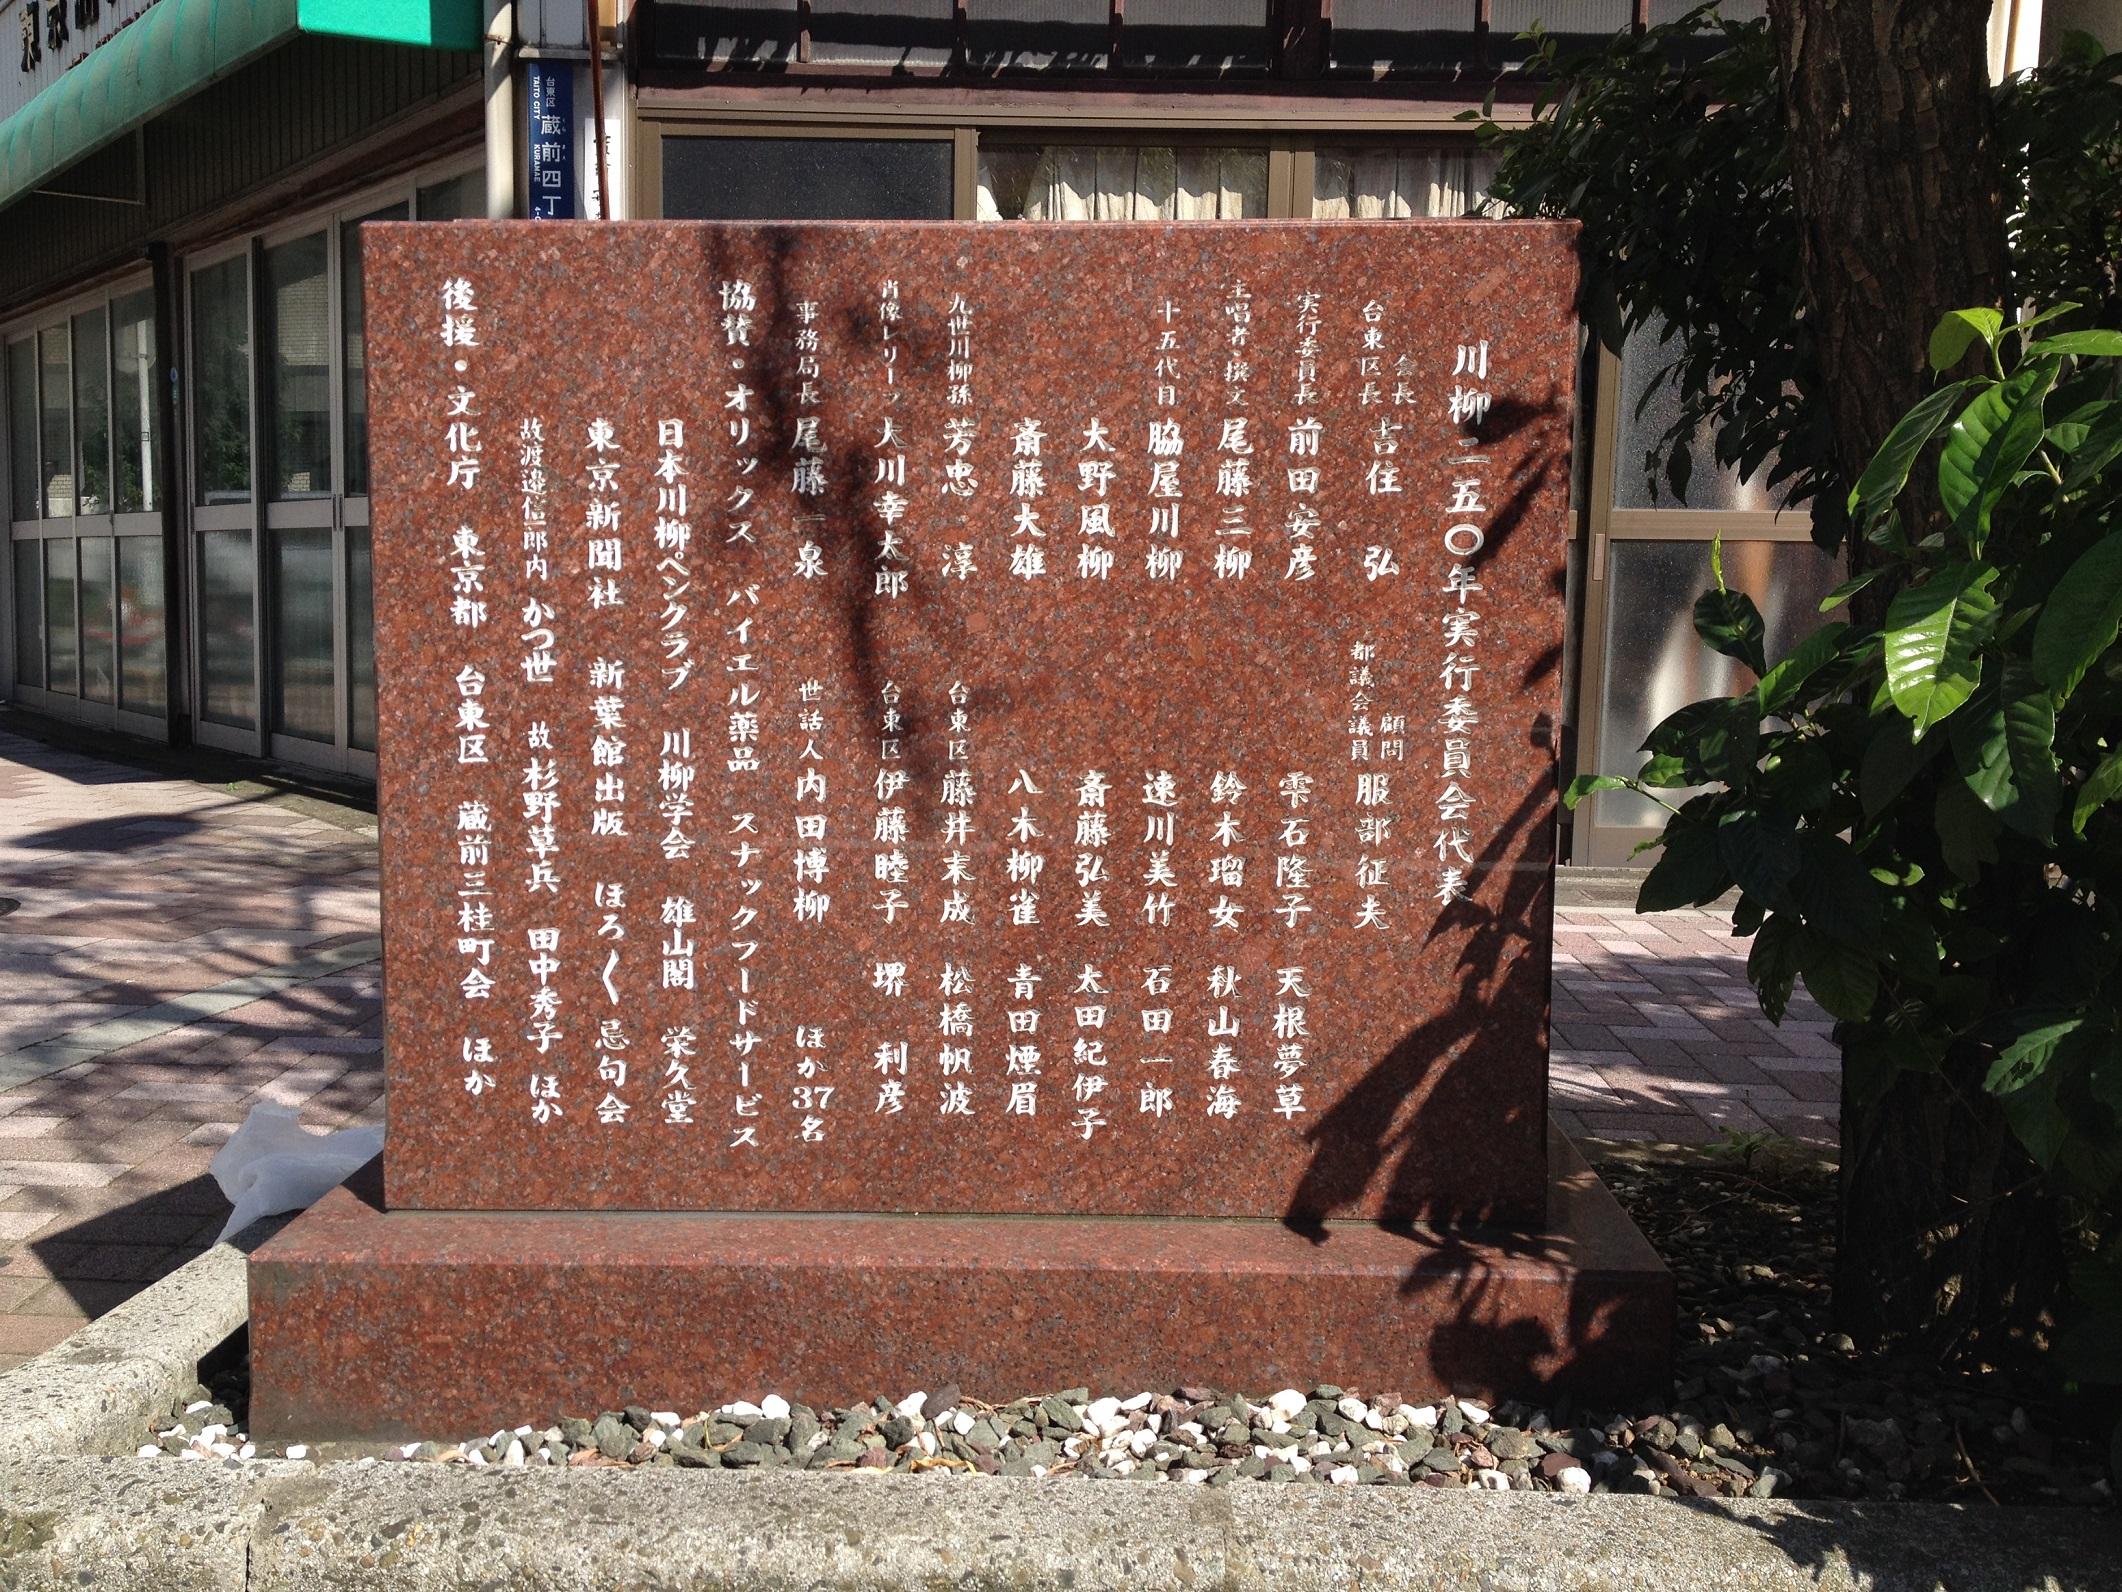 川柳発祥の地碑